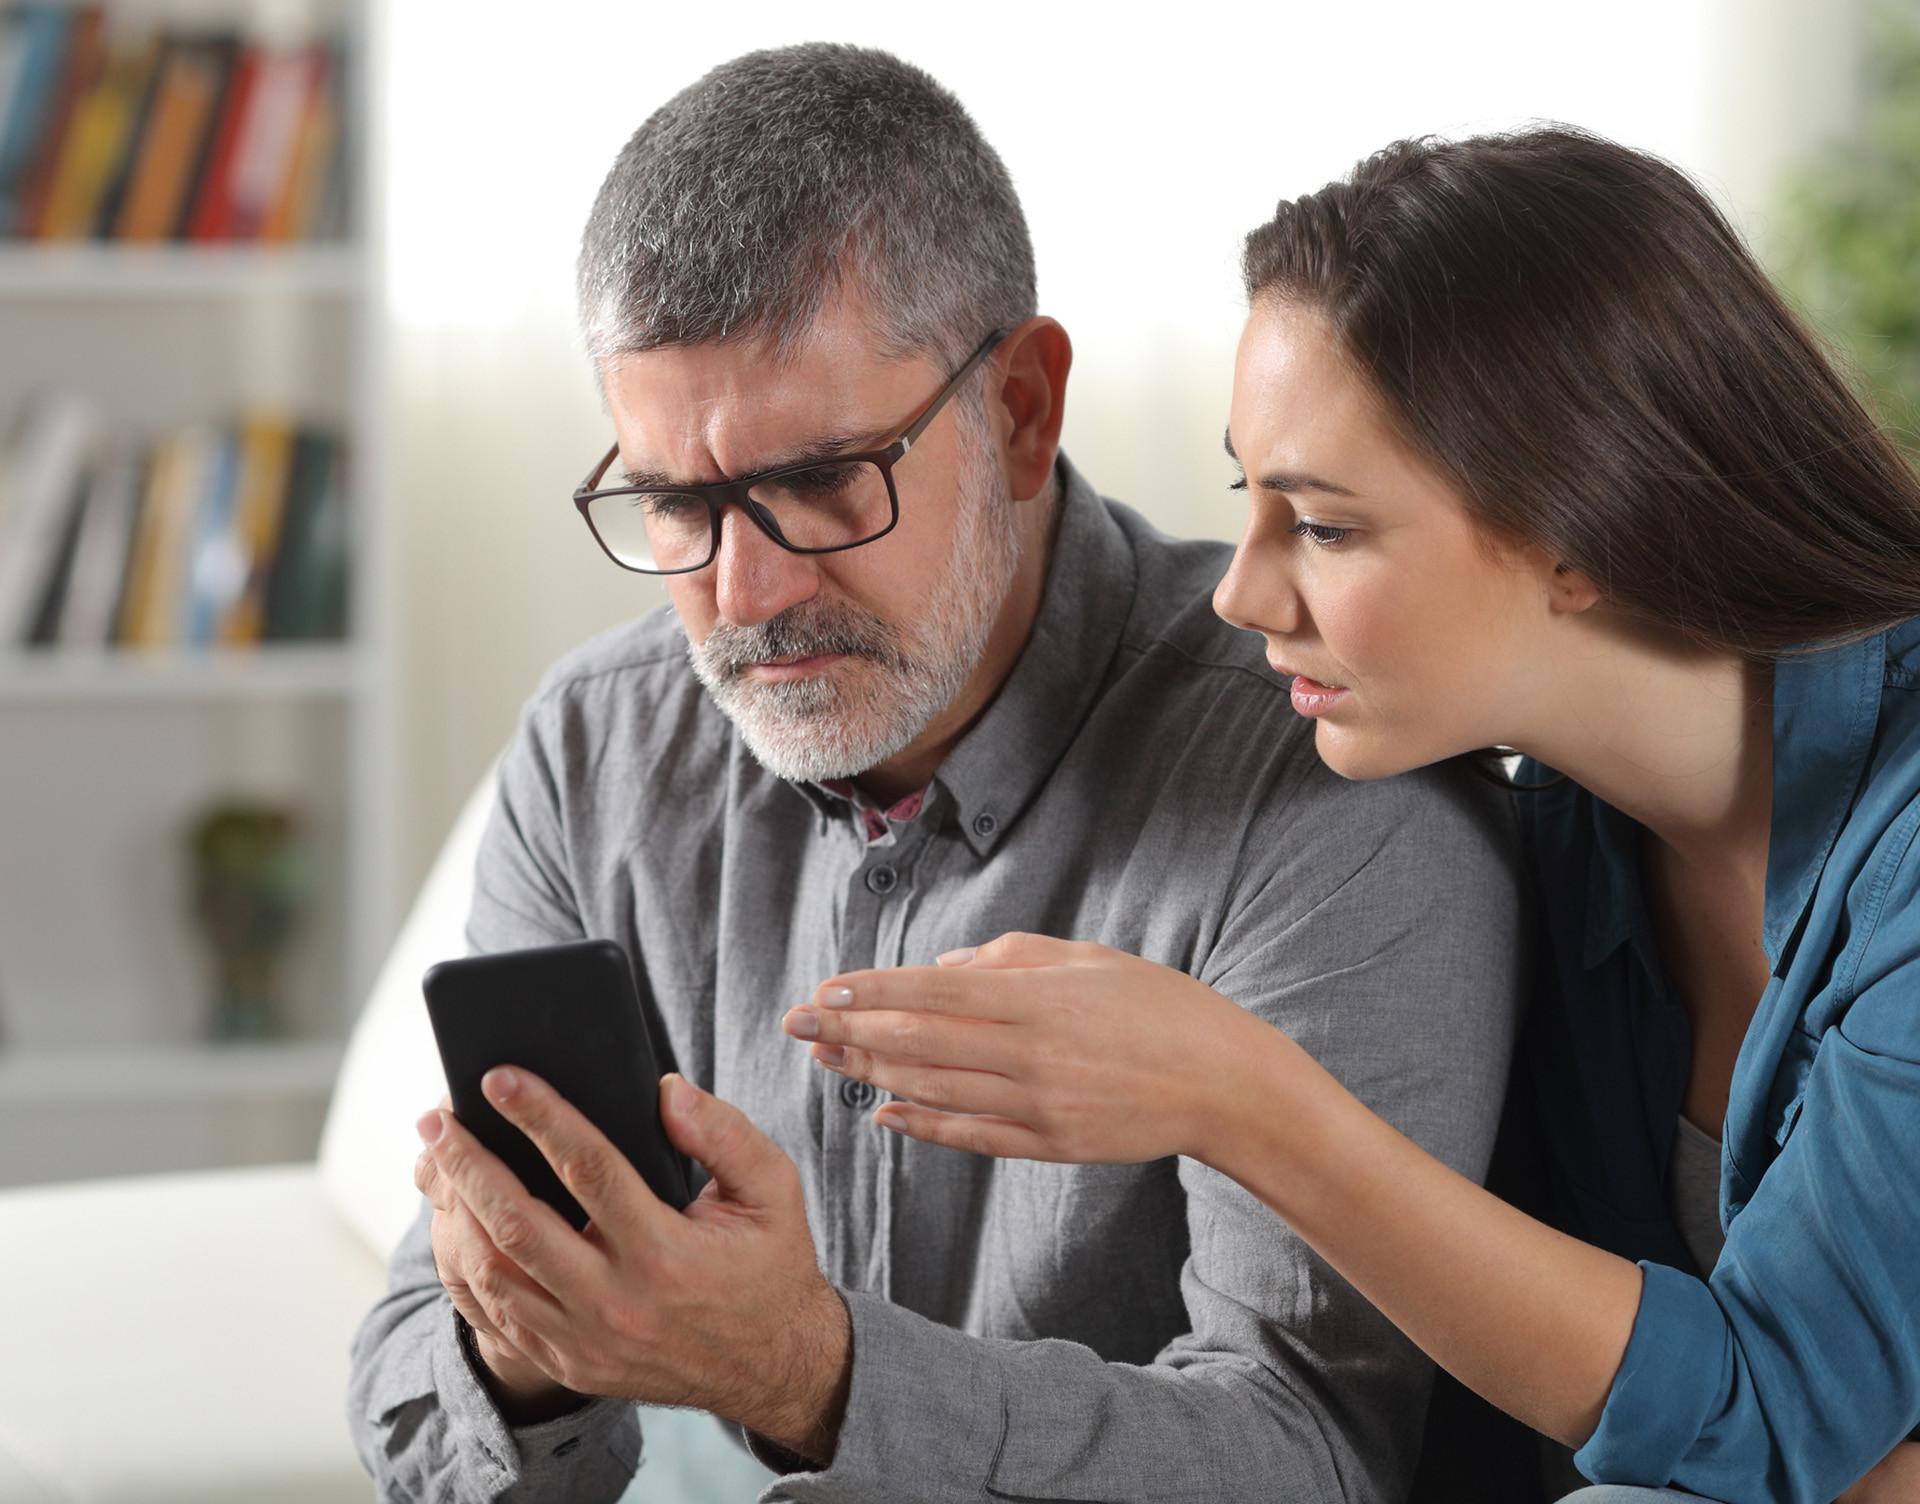 brecha digital padres hijos formacion competencias tecnologicas